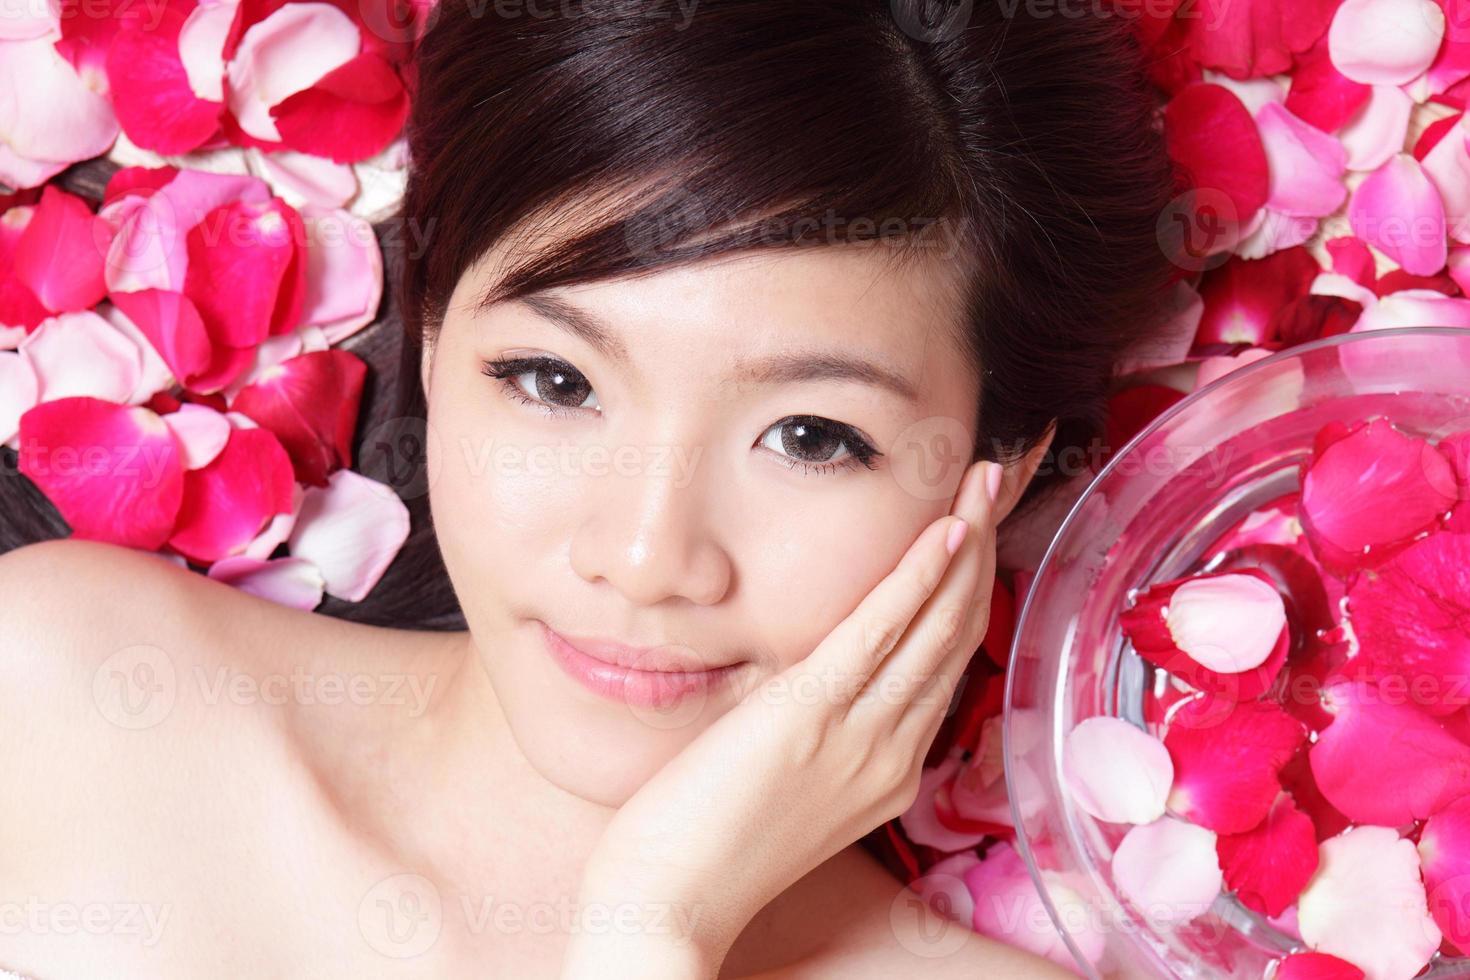 meisje lachend gezicht met roos foto